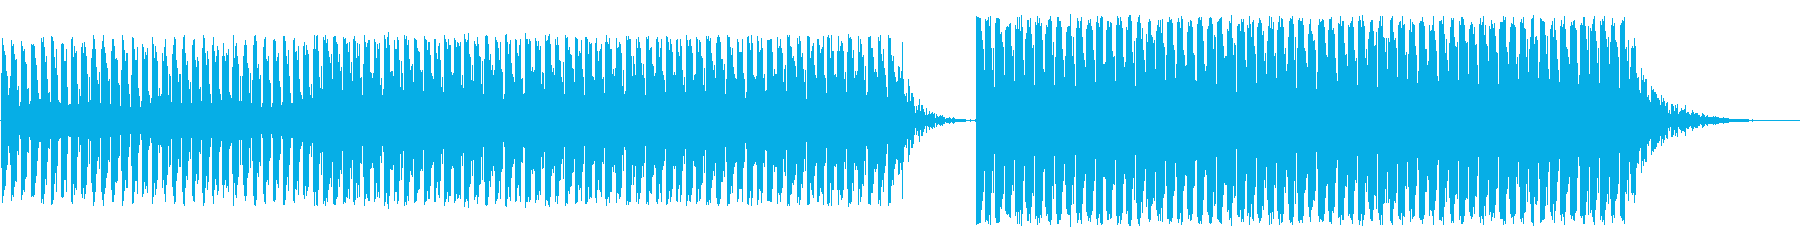 とにかくやかましいアラーム音の再生済みの波形